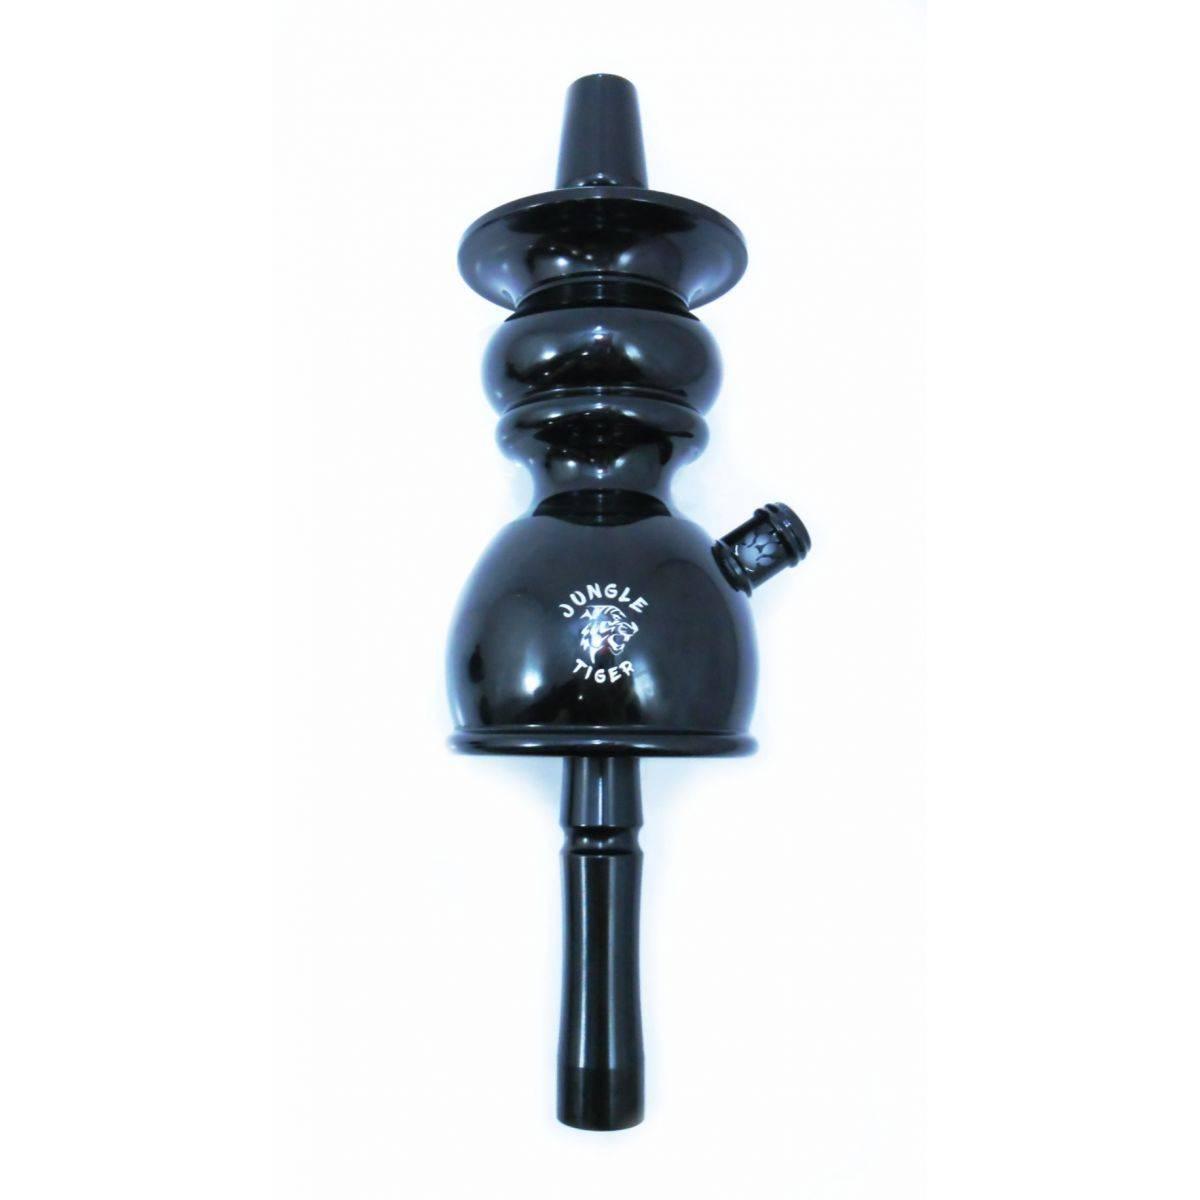 Stem (corpo de narguile) TIGER PRETO 64cm. Alumínio, híbrido (monte grande ou pequeno). Vasos encaixe macho/fêmea.